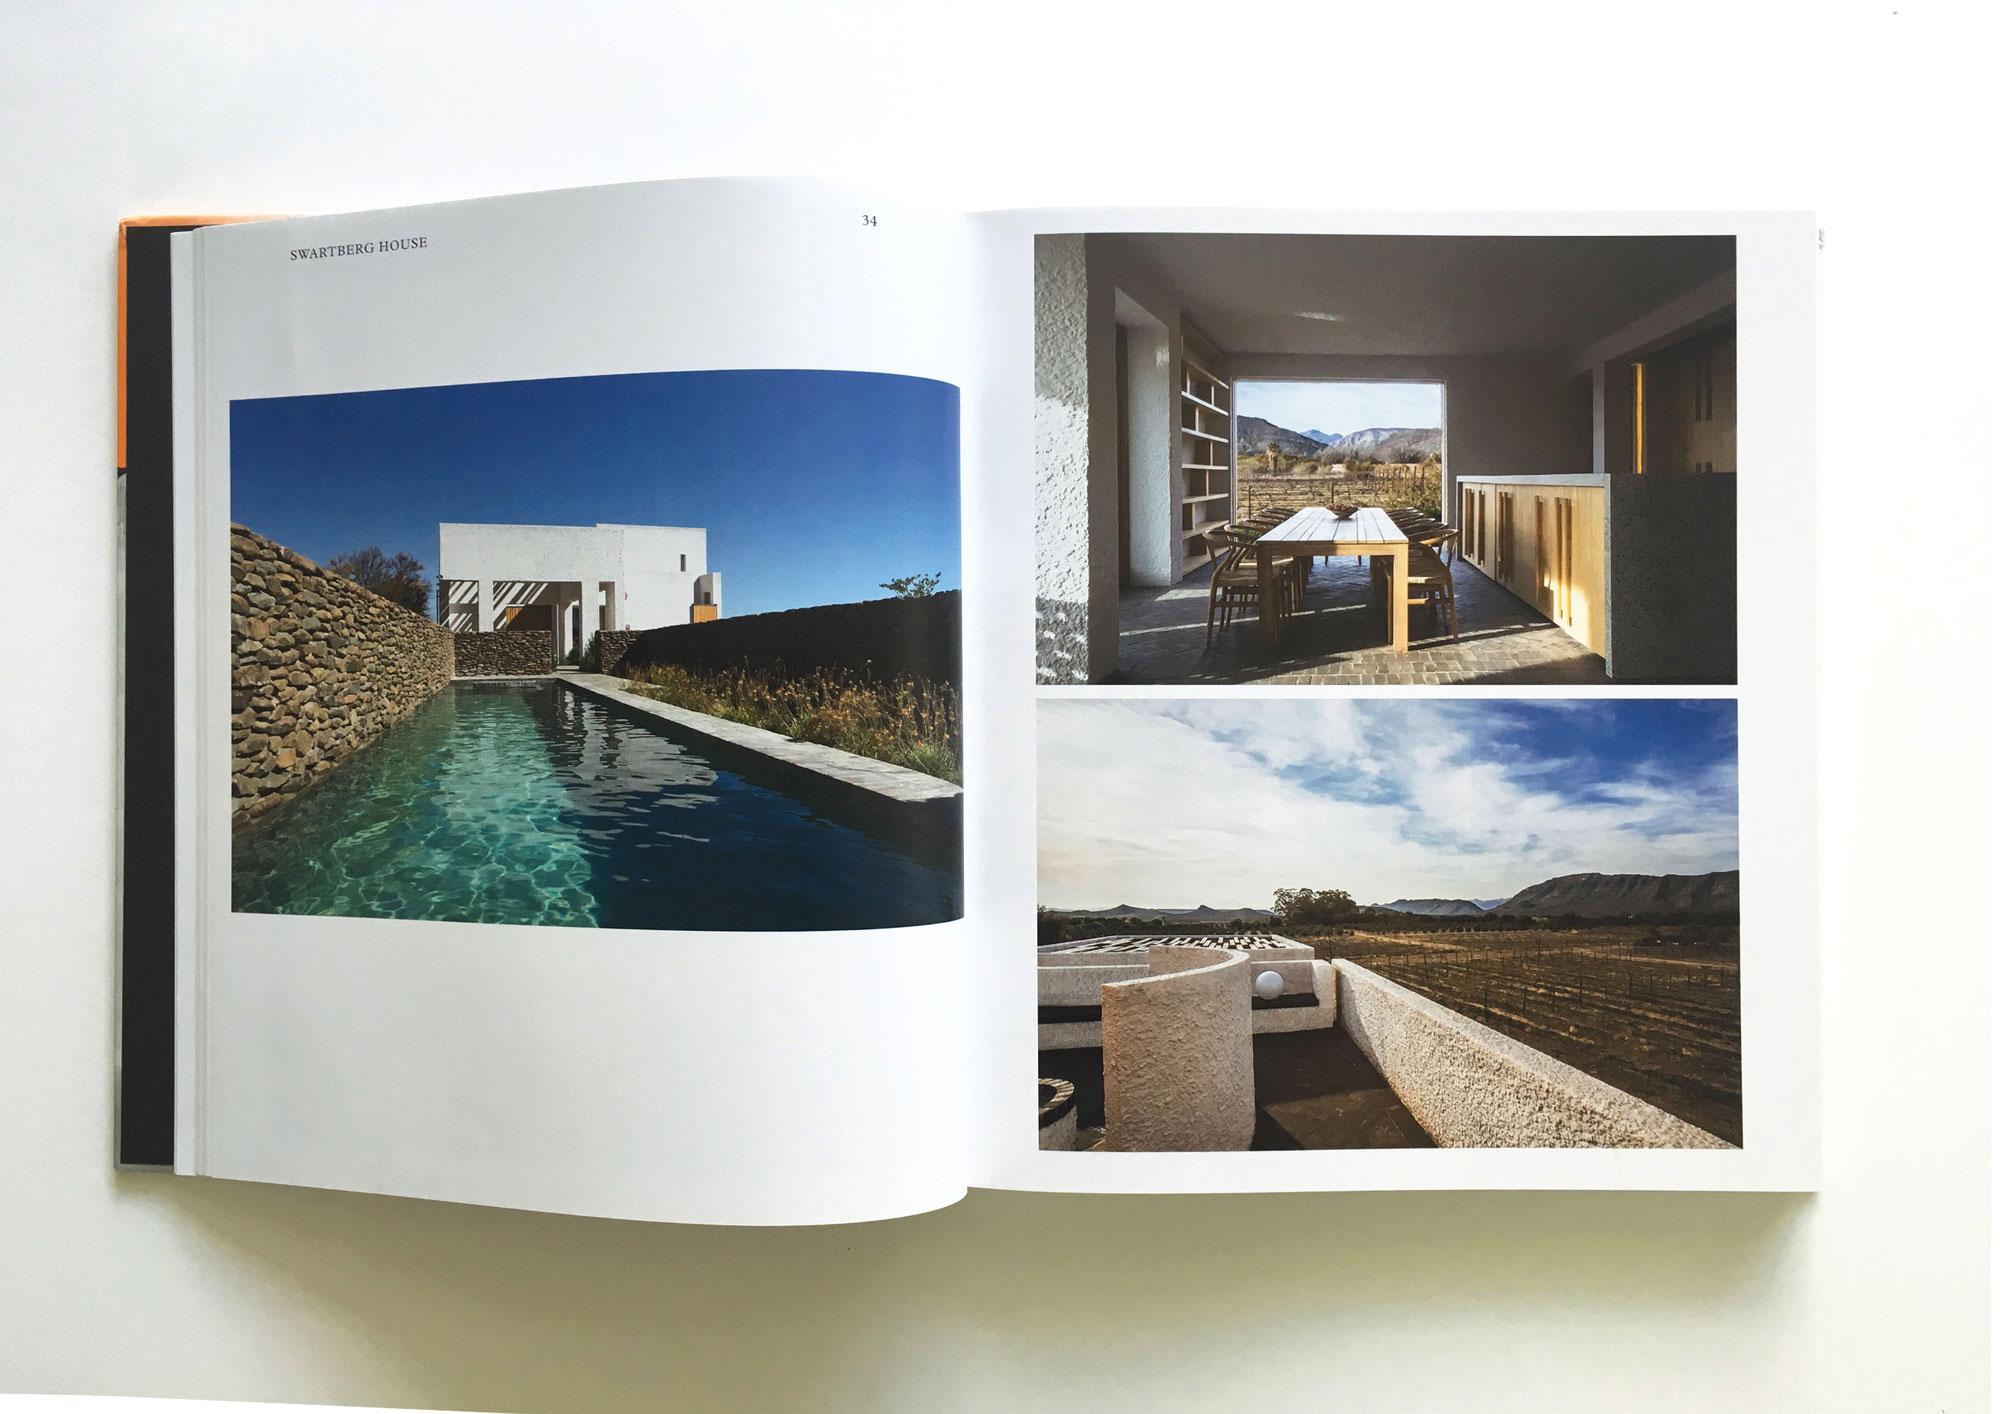 phaidon-living-in-the-desert-swartberg-house